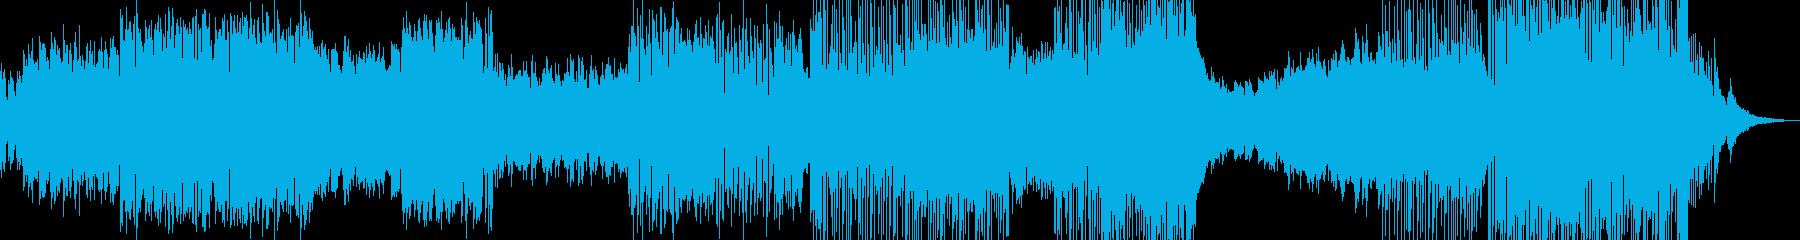 癒し系RPG・後半から打楽器有 長尺の再生済みの波形